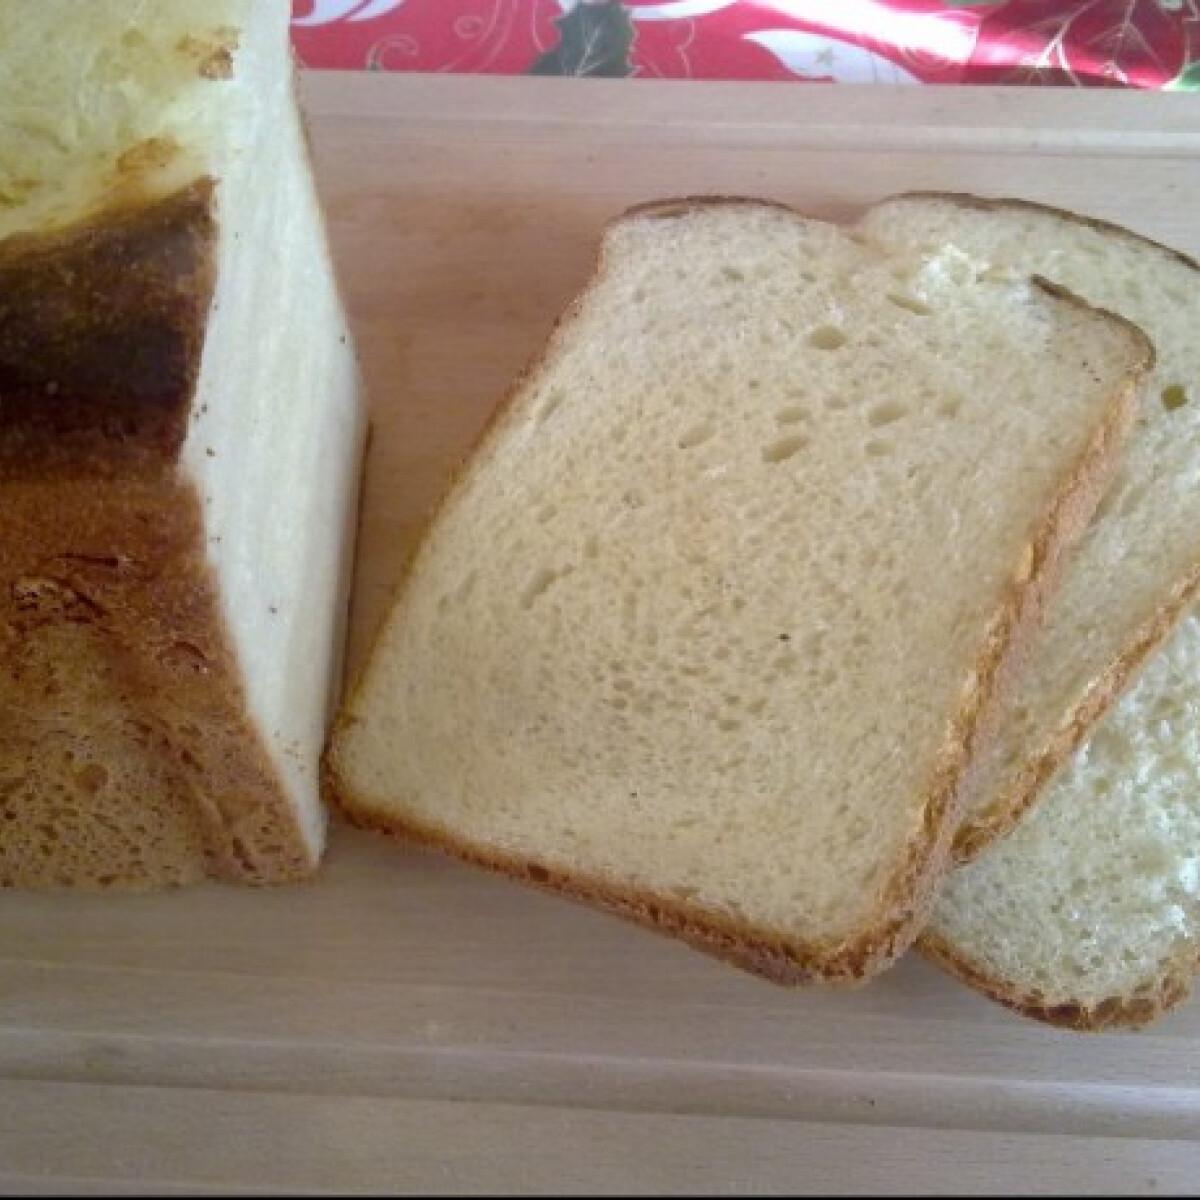 Ezen a képen: Fehér krumplis kenyér kenyérsütőben sütve